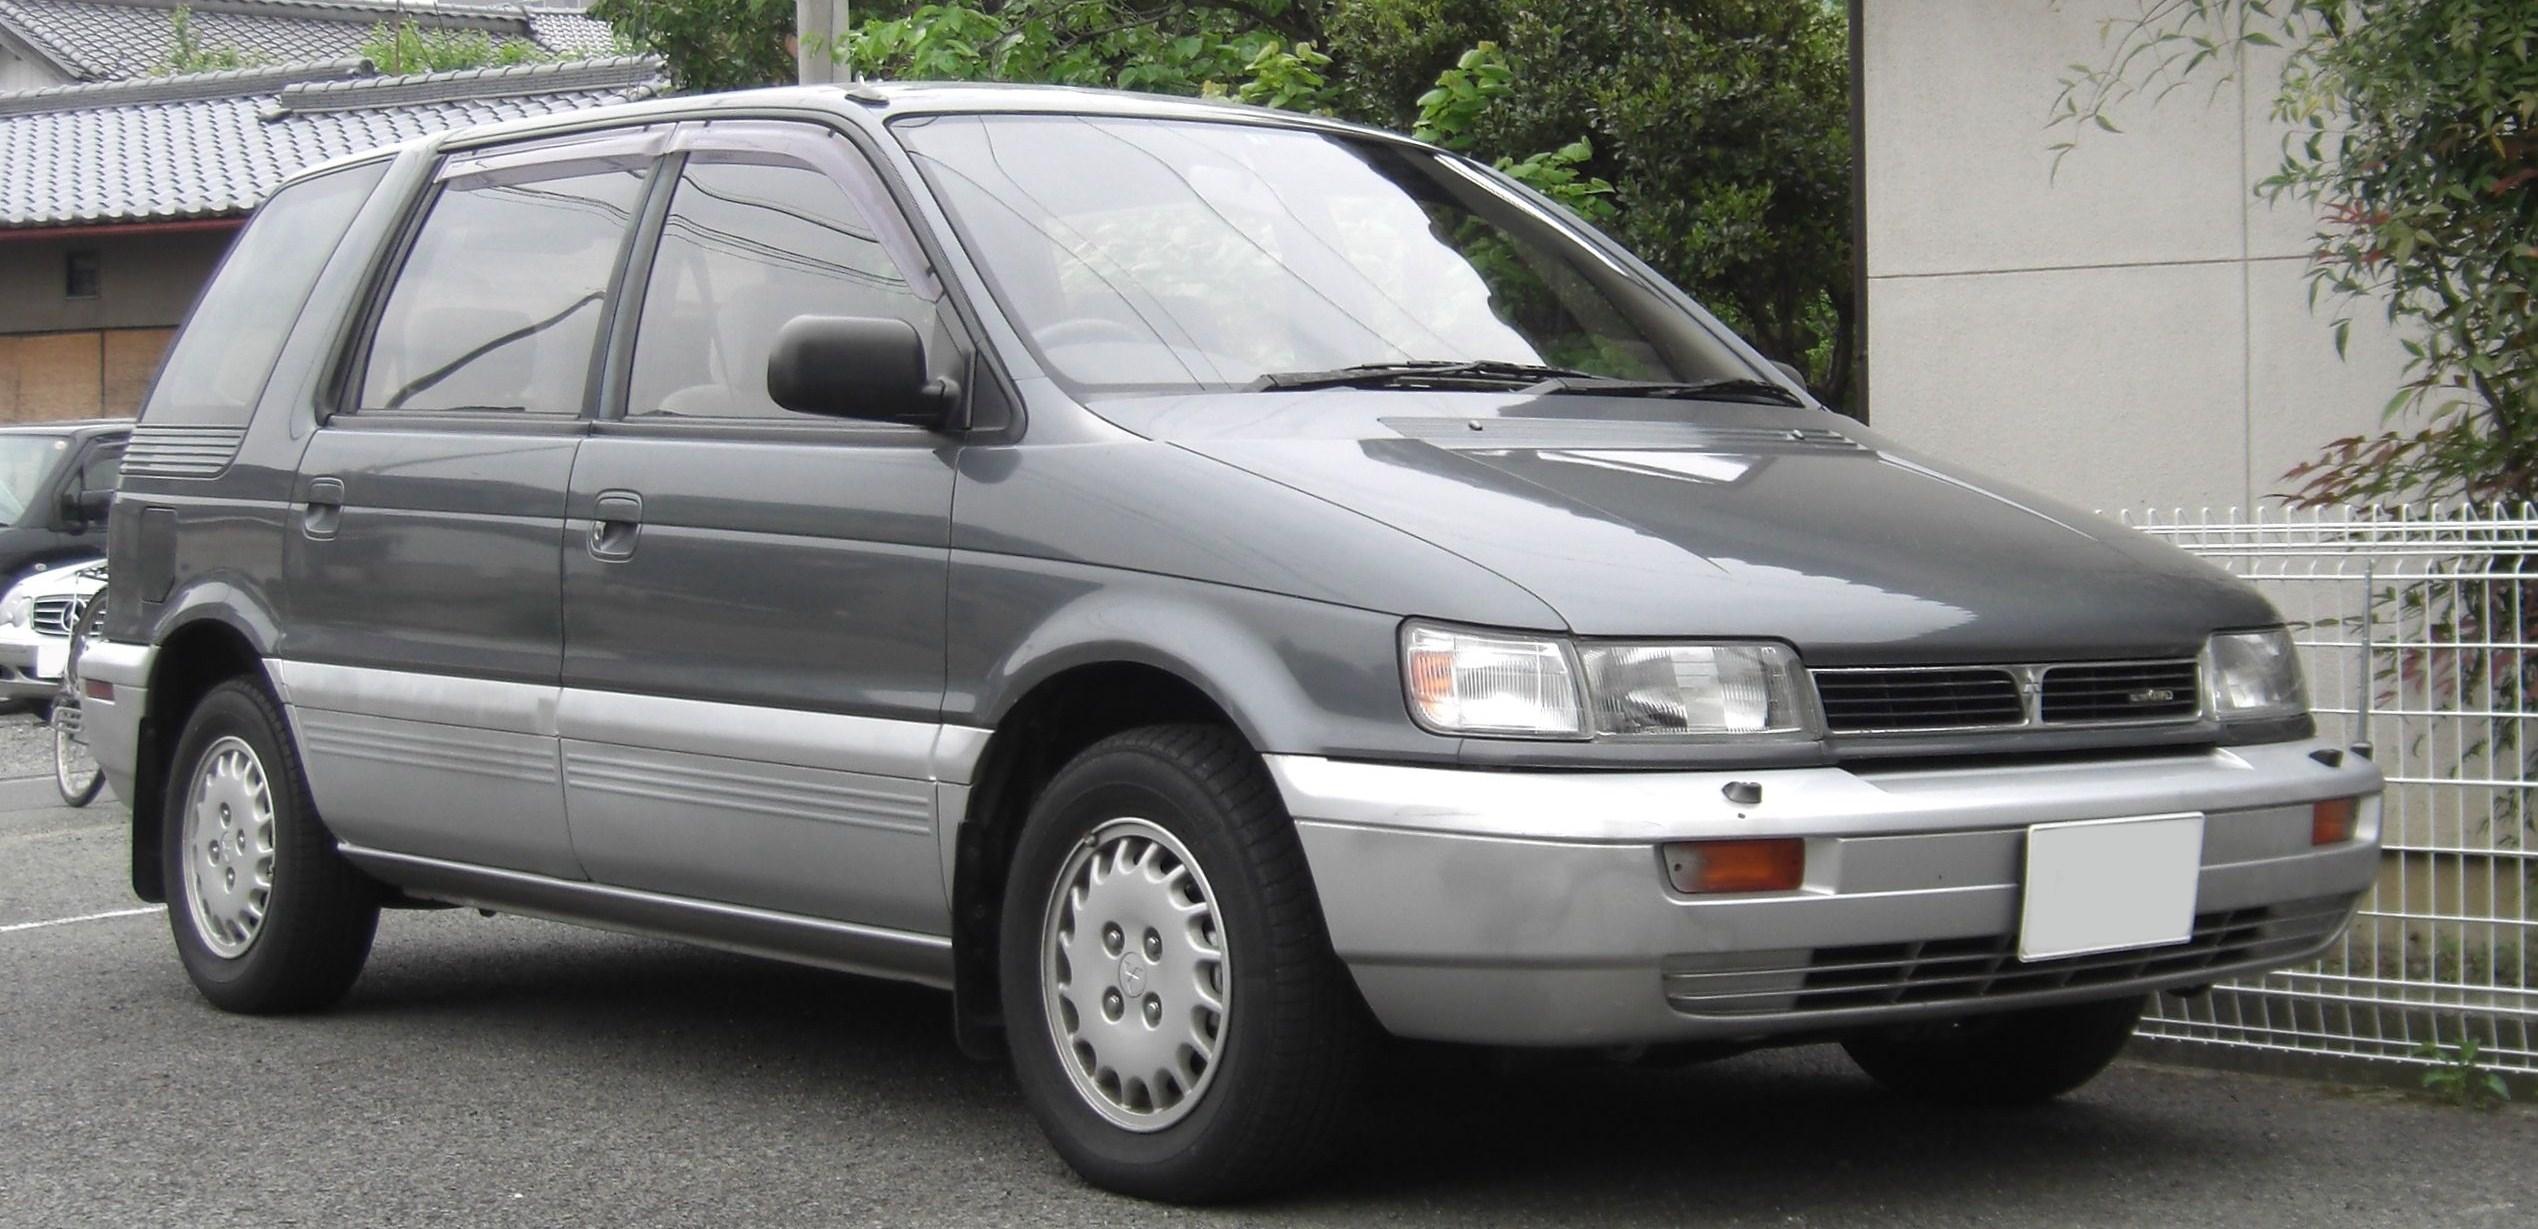 Mitsubishi Chariot - Wikipedia